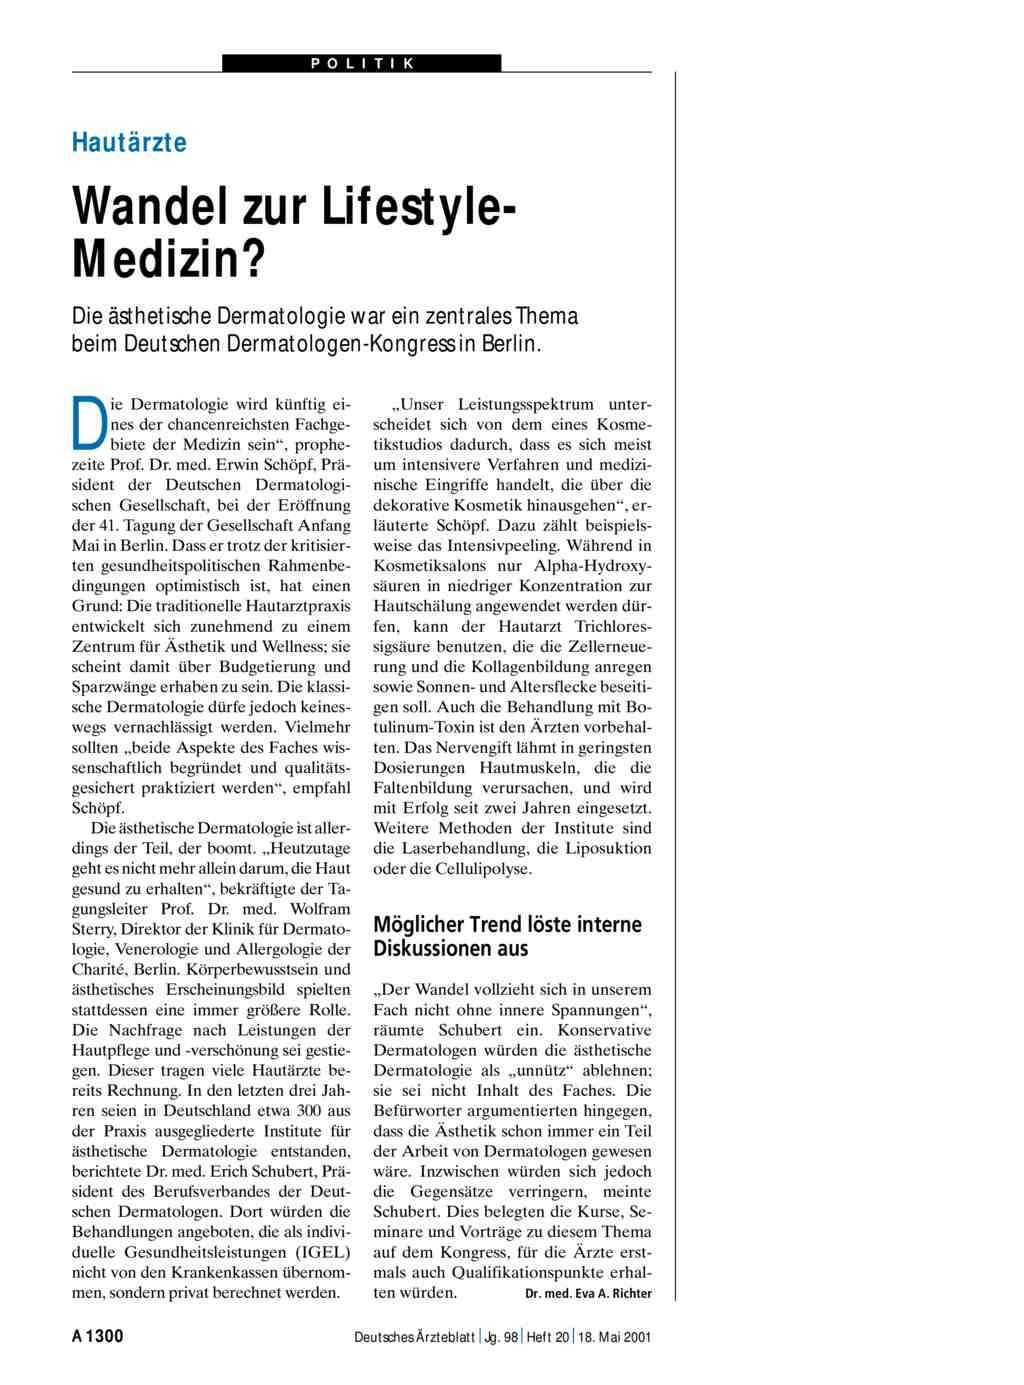 Beste Dermatologen Bildung Bilder - Menschliche Anatomie Bilder ...